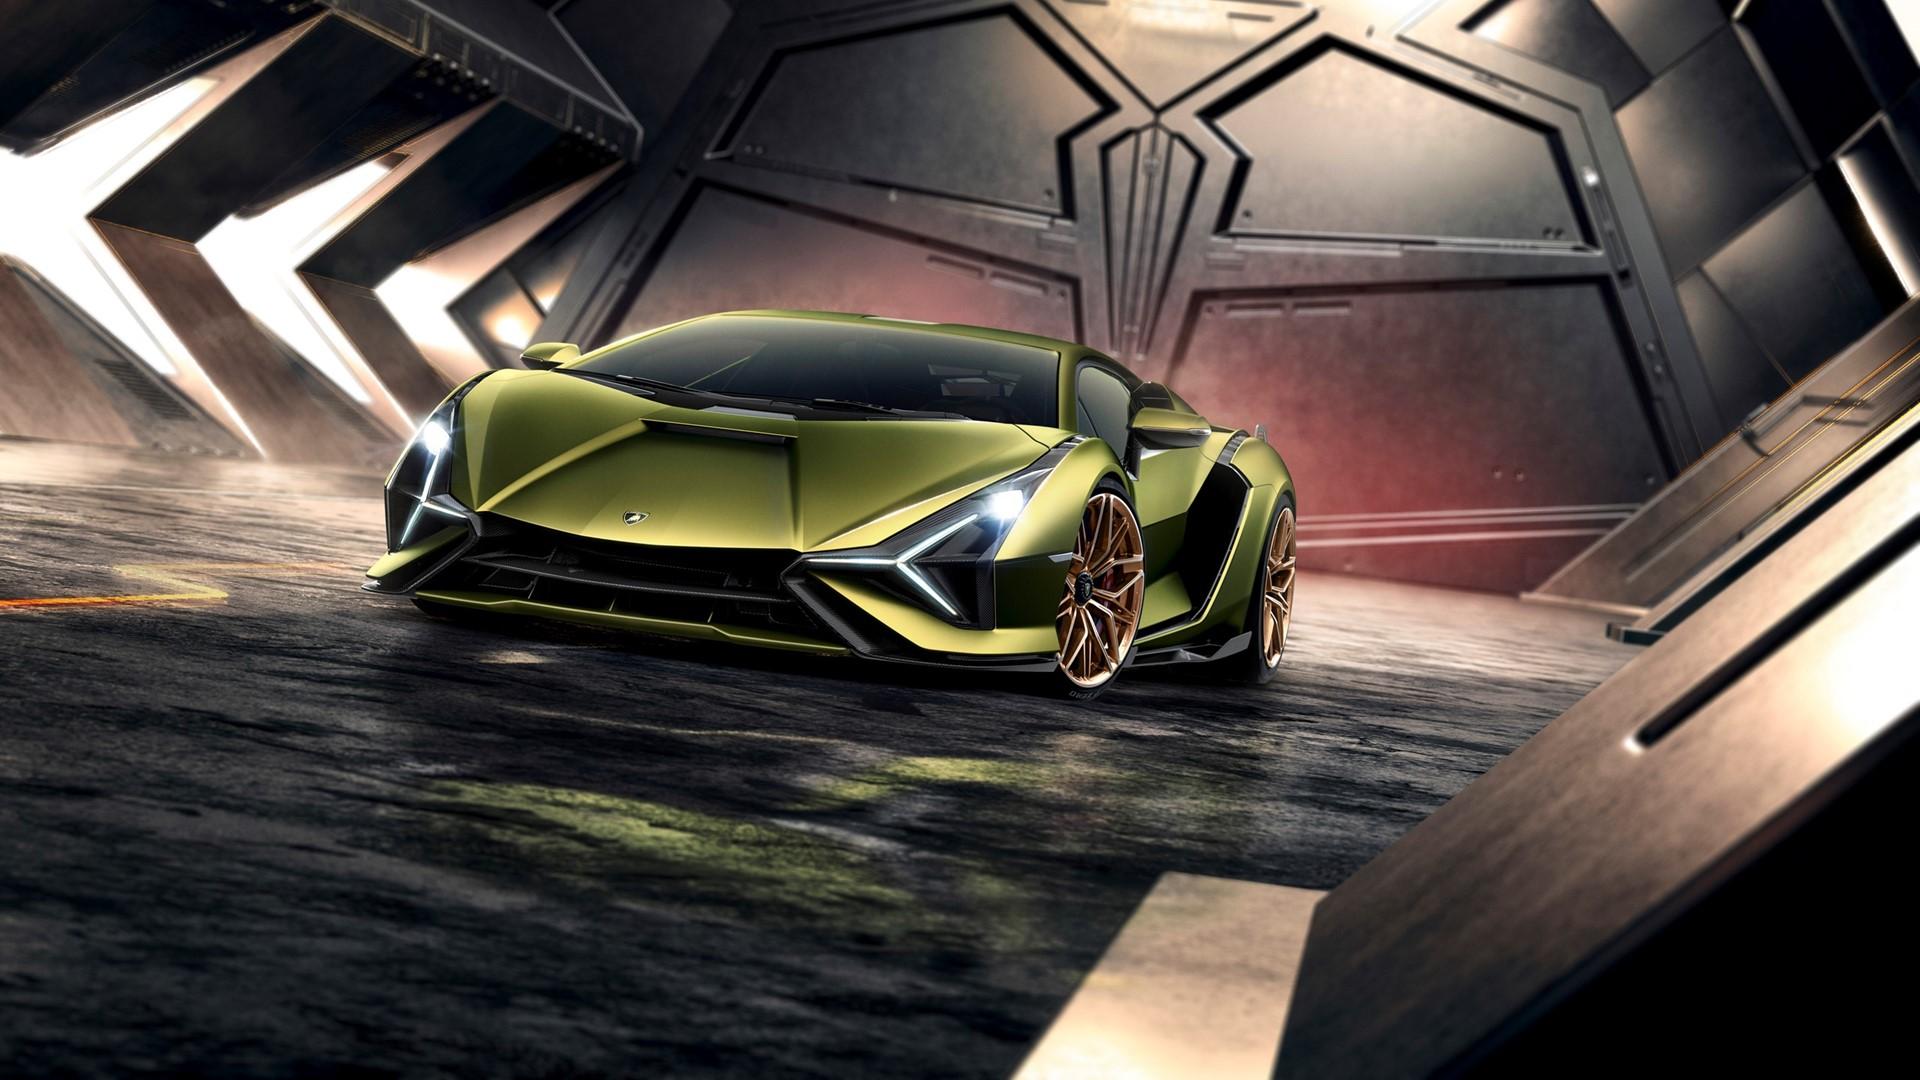 Automobili Lamborghini and The Italian Sea Group unveil the motor yacht 'Tecnomar for Lamborghini 63' - Image 7